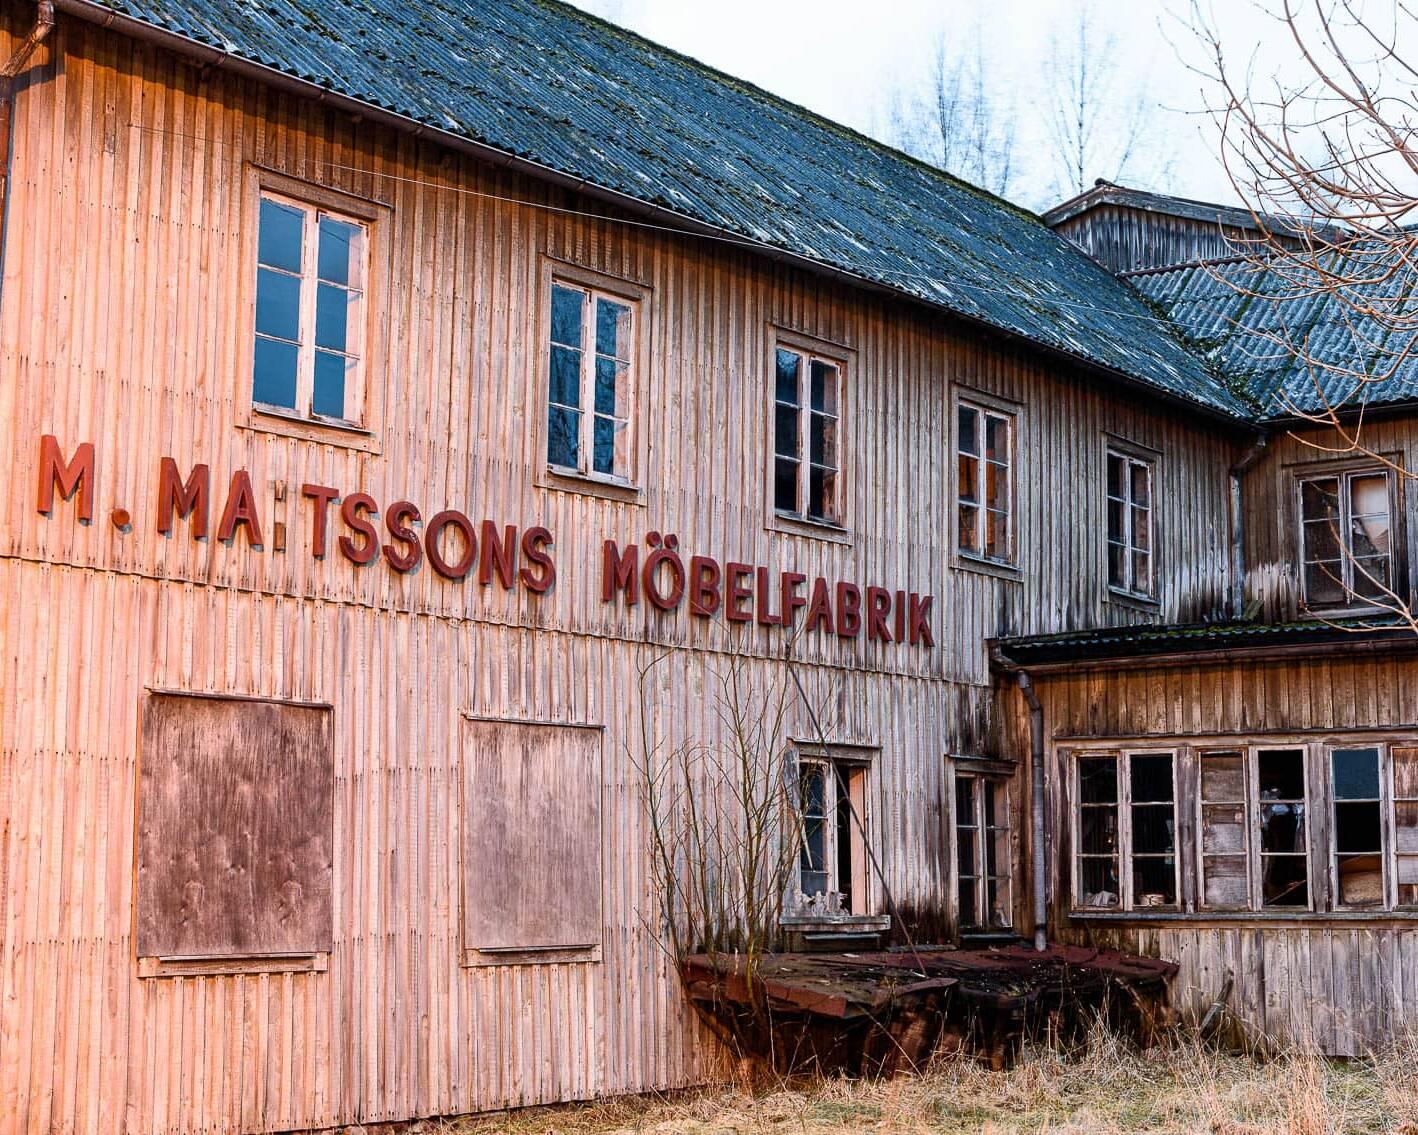 Mattssons Möbelfabrik